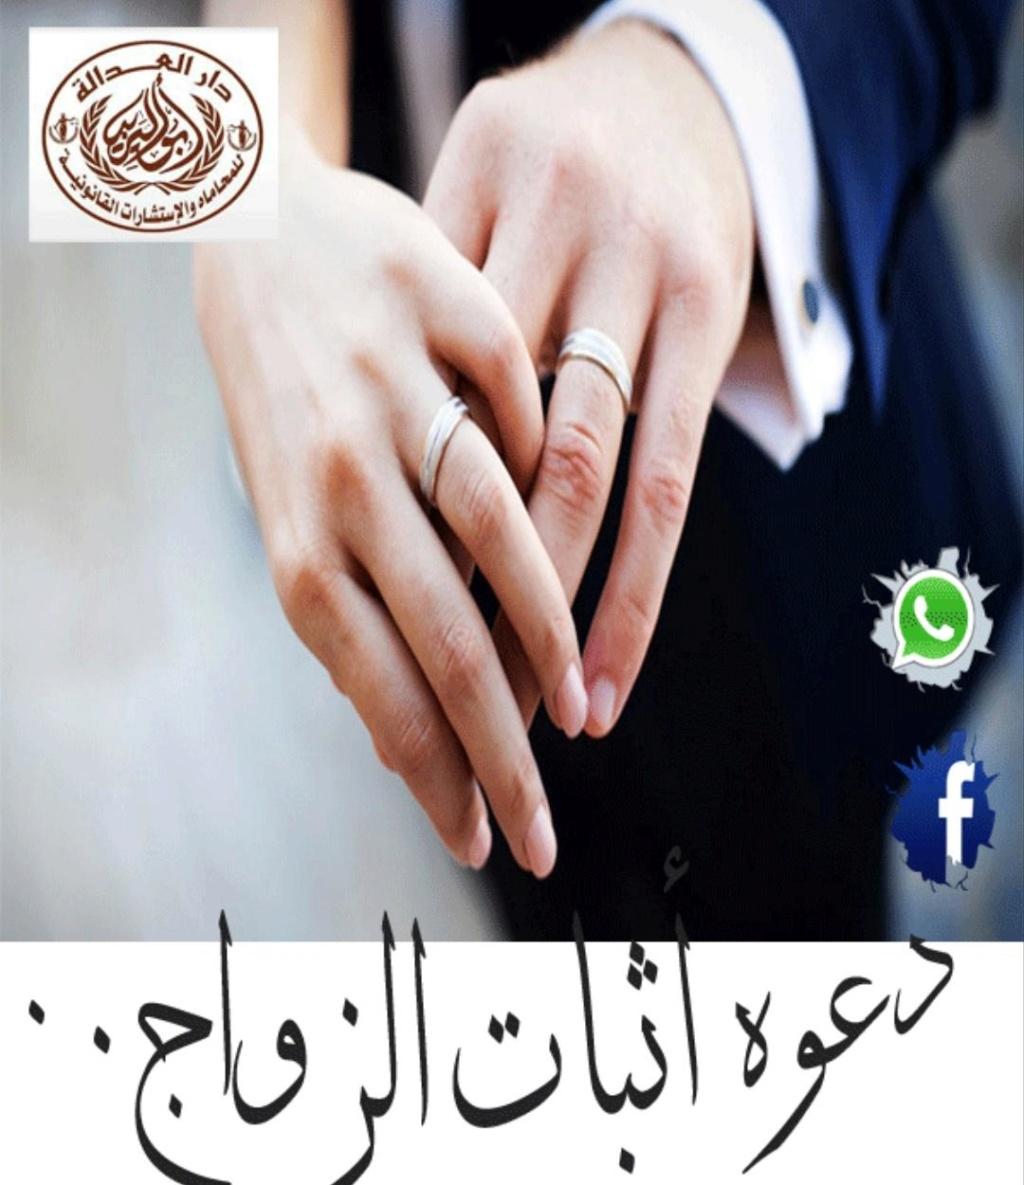 افضل محامي في القاهره والاسكندريه(كريم ابو اليزيد)01202030470 Img-2162